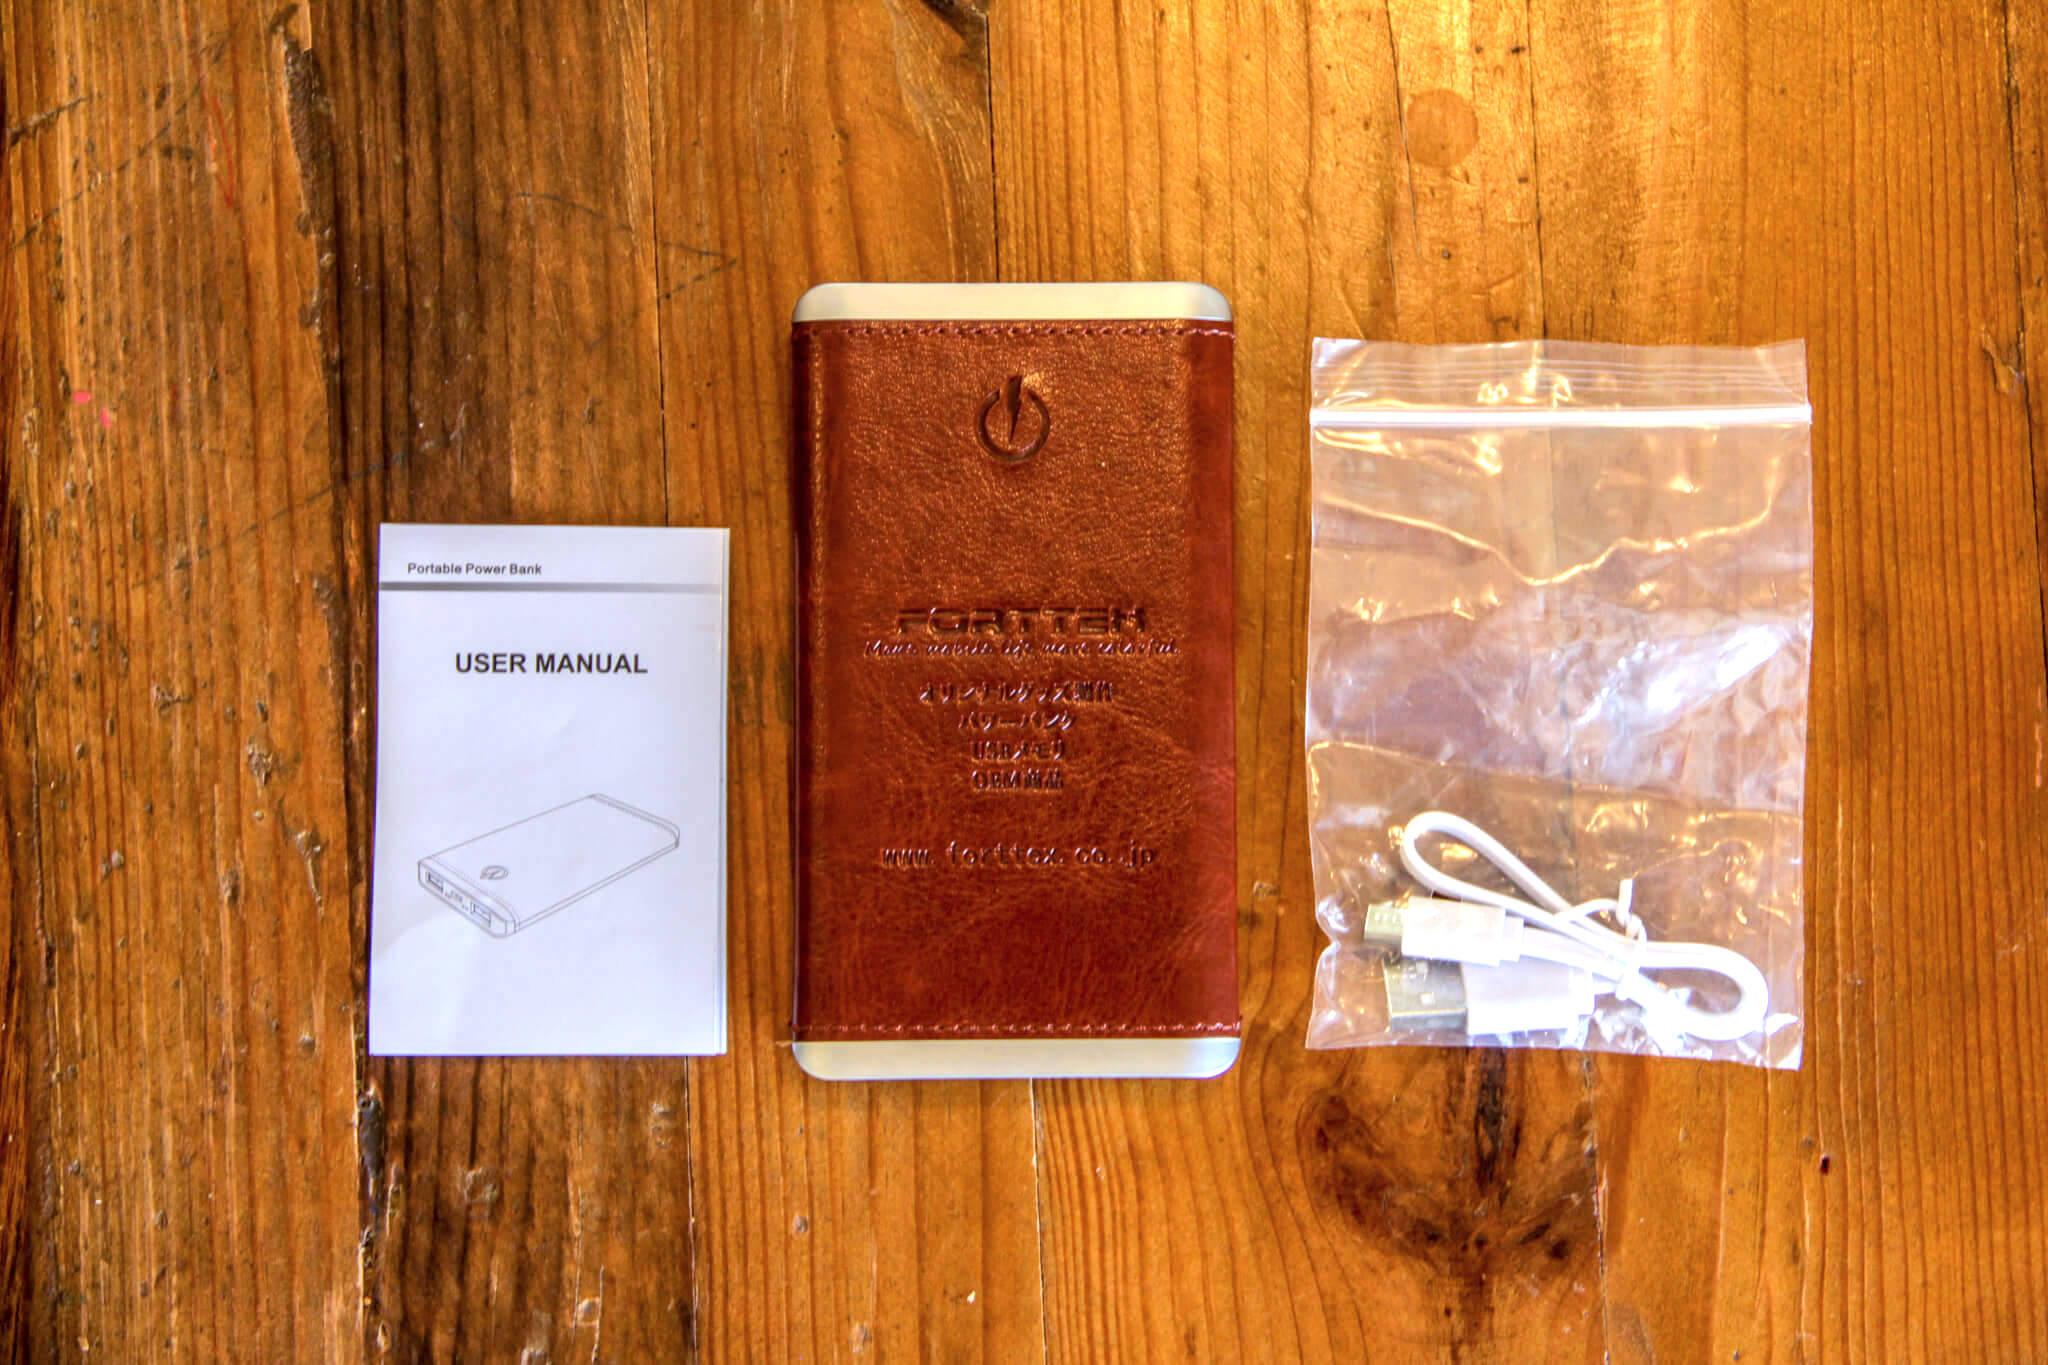 オリジナルノベリティモバイルバッテリーの写真1